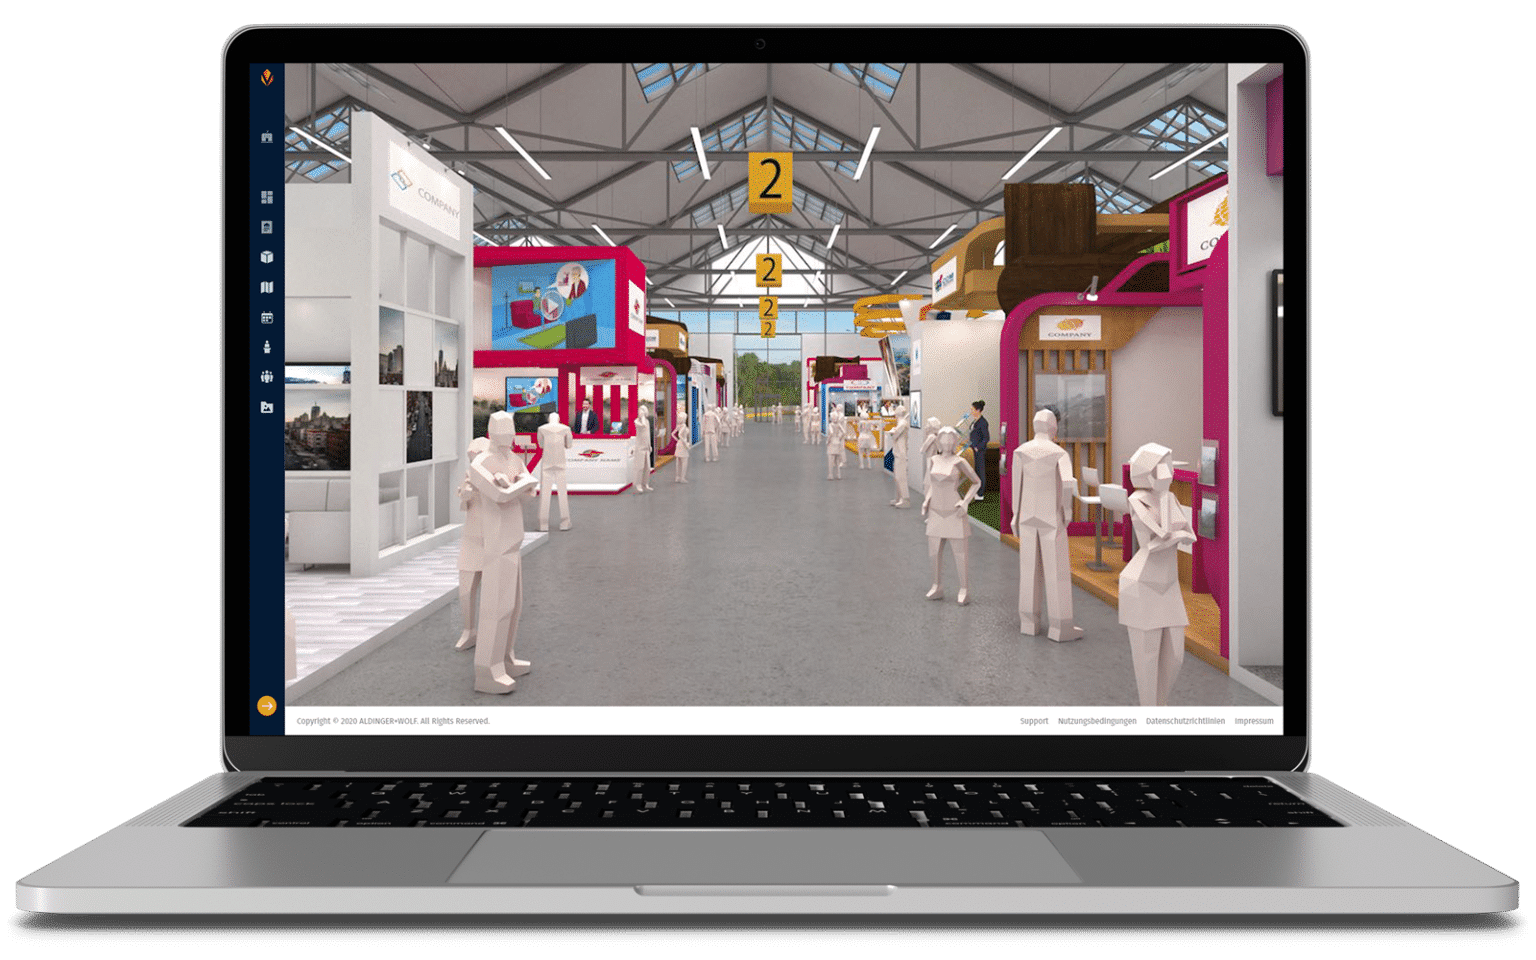 Macbook mit Plattform für virtuelle Messe